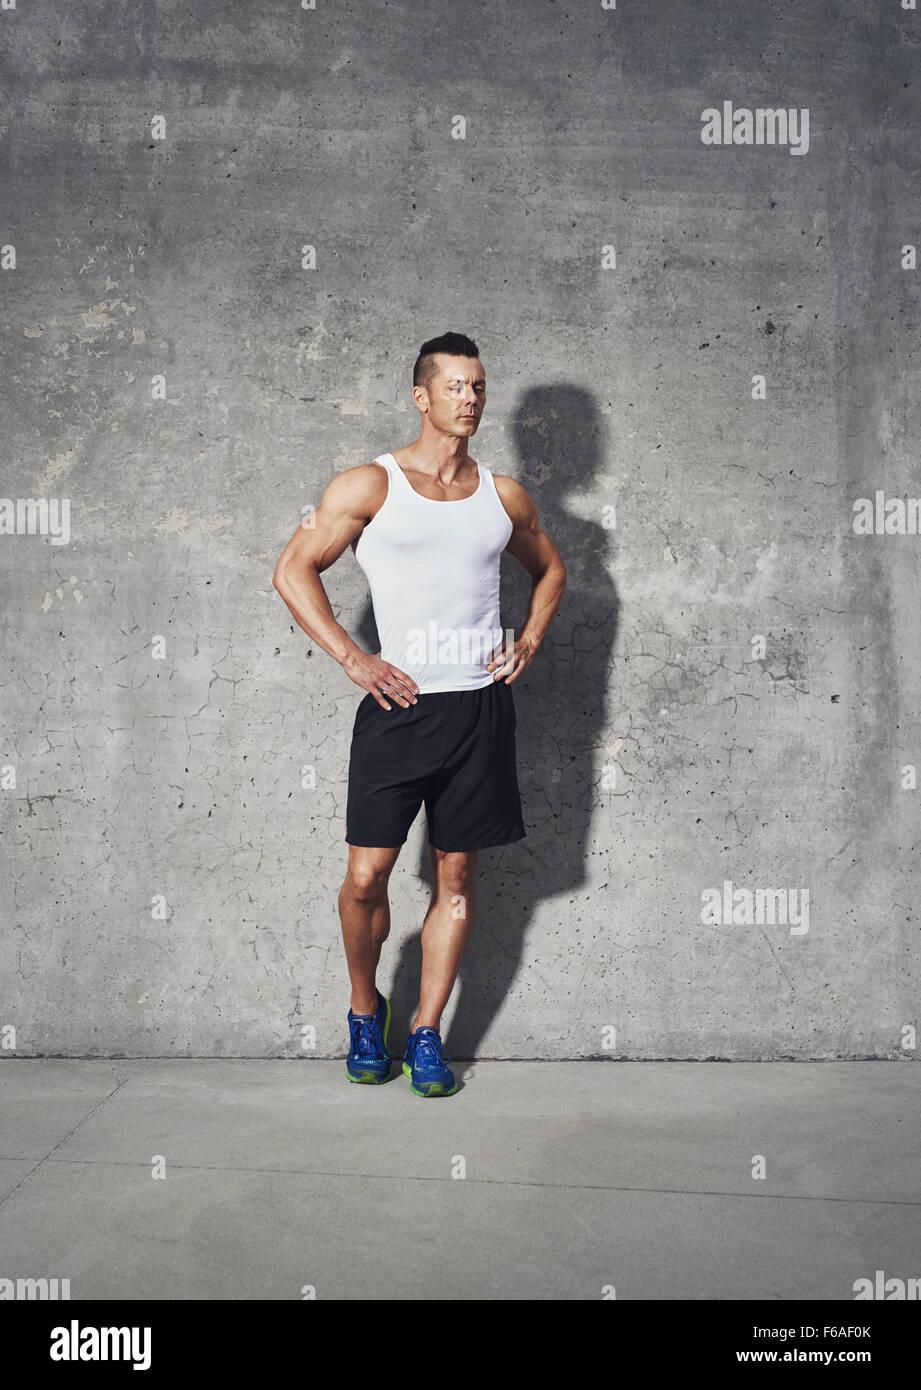 Full body fitness retrato del hombre musculoso, de pie con ambas manos en su cintura mirando lejos Imagen De Stock